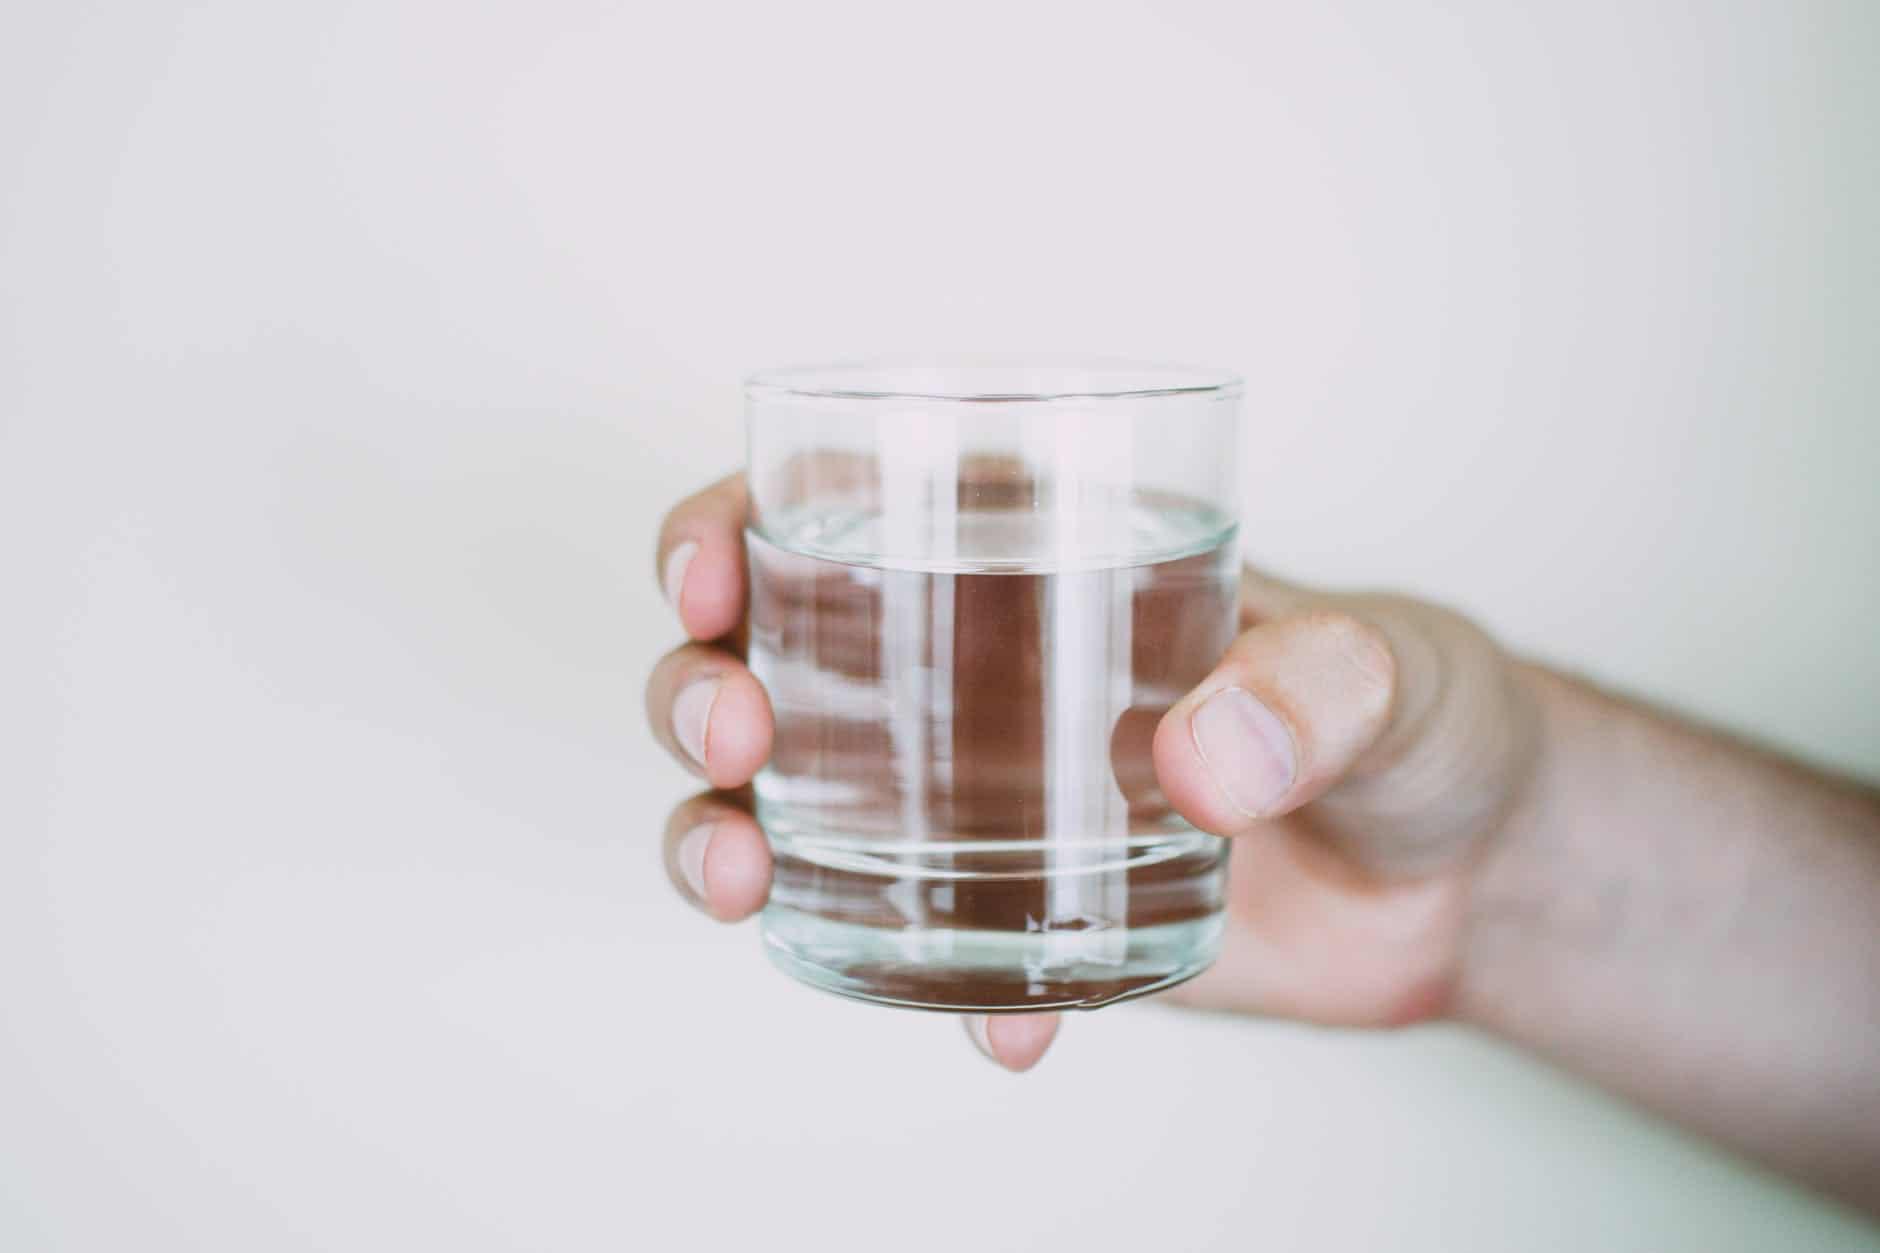 Boire eau bouche sèche symptômes crise d'angoisse